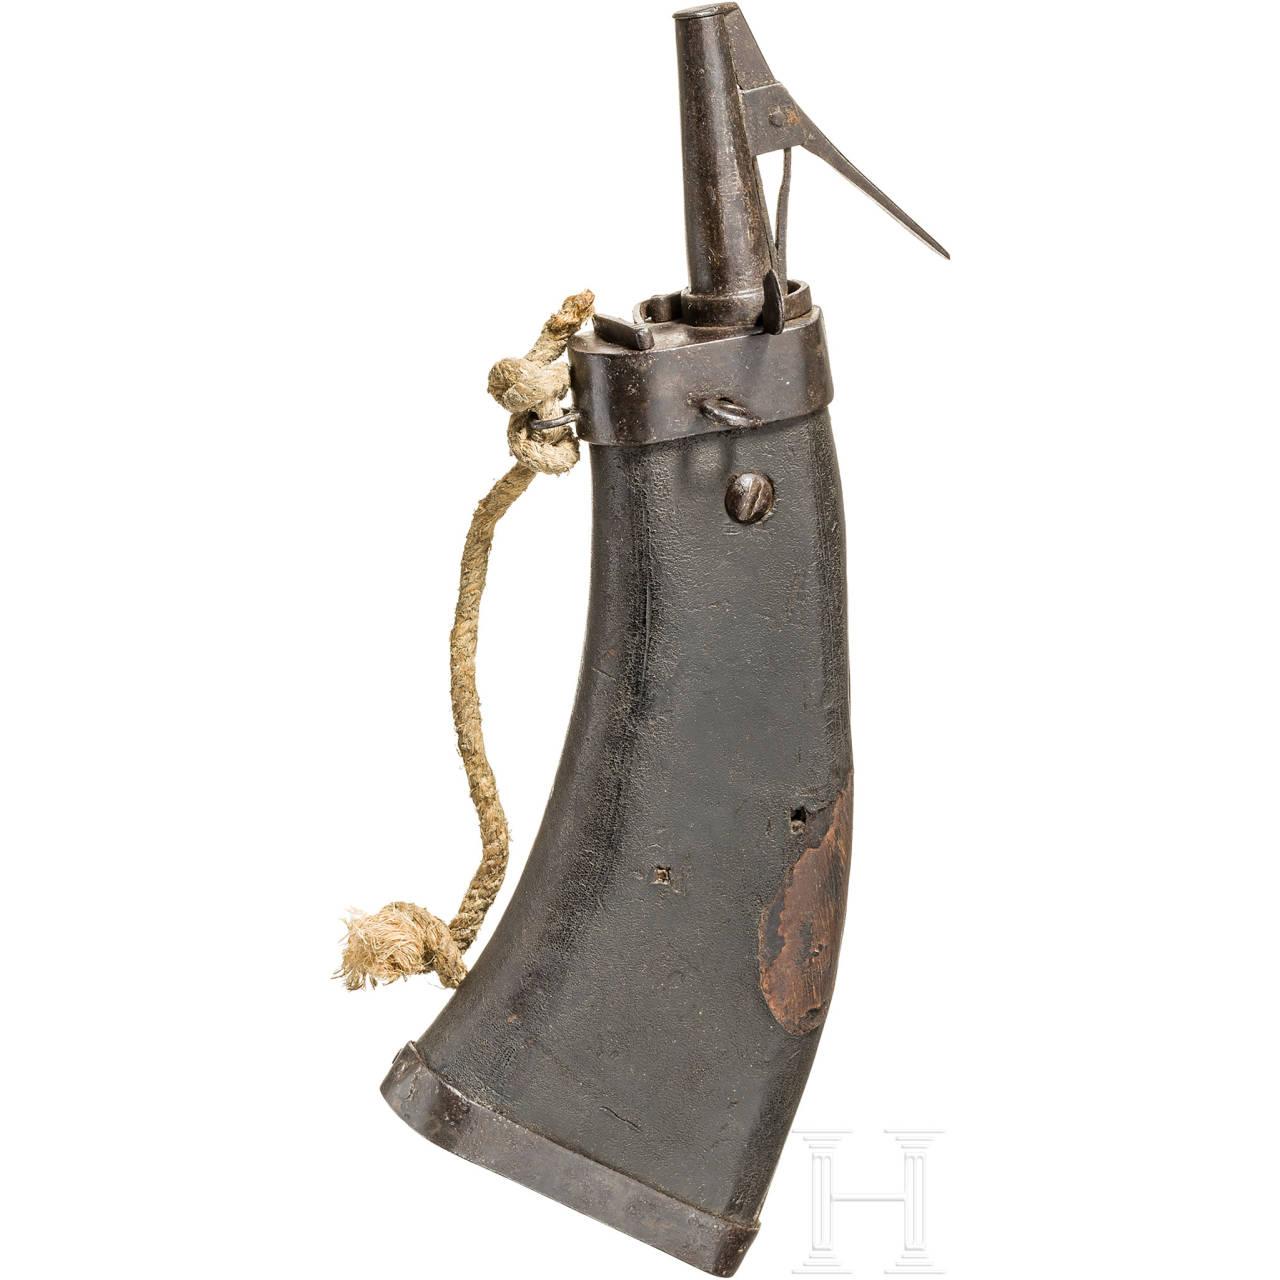 Militärische Pulverflasche, deutsch, um 1600